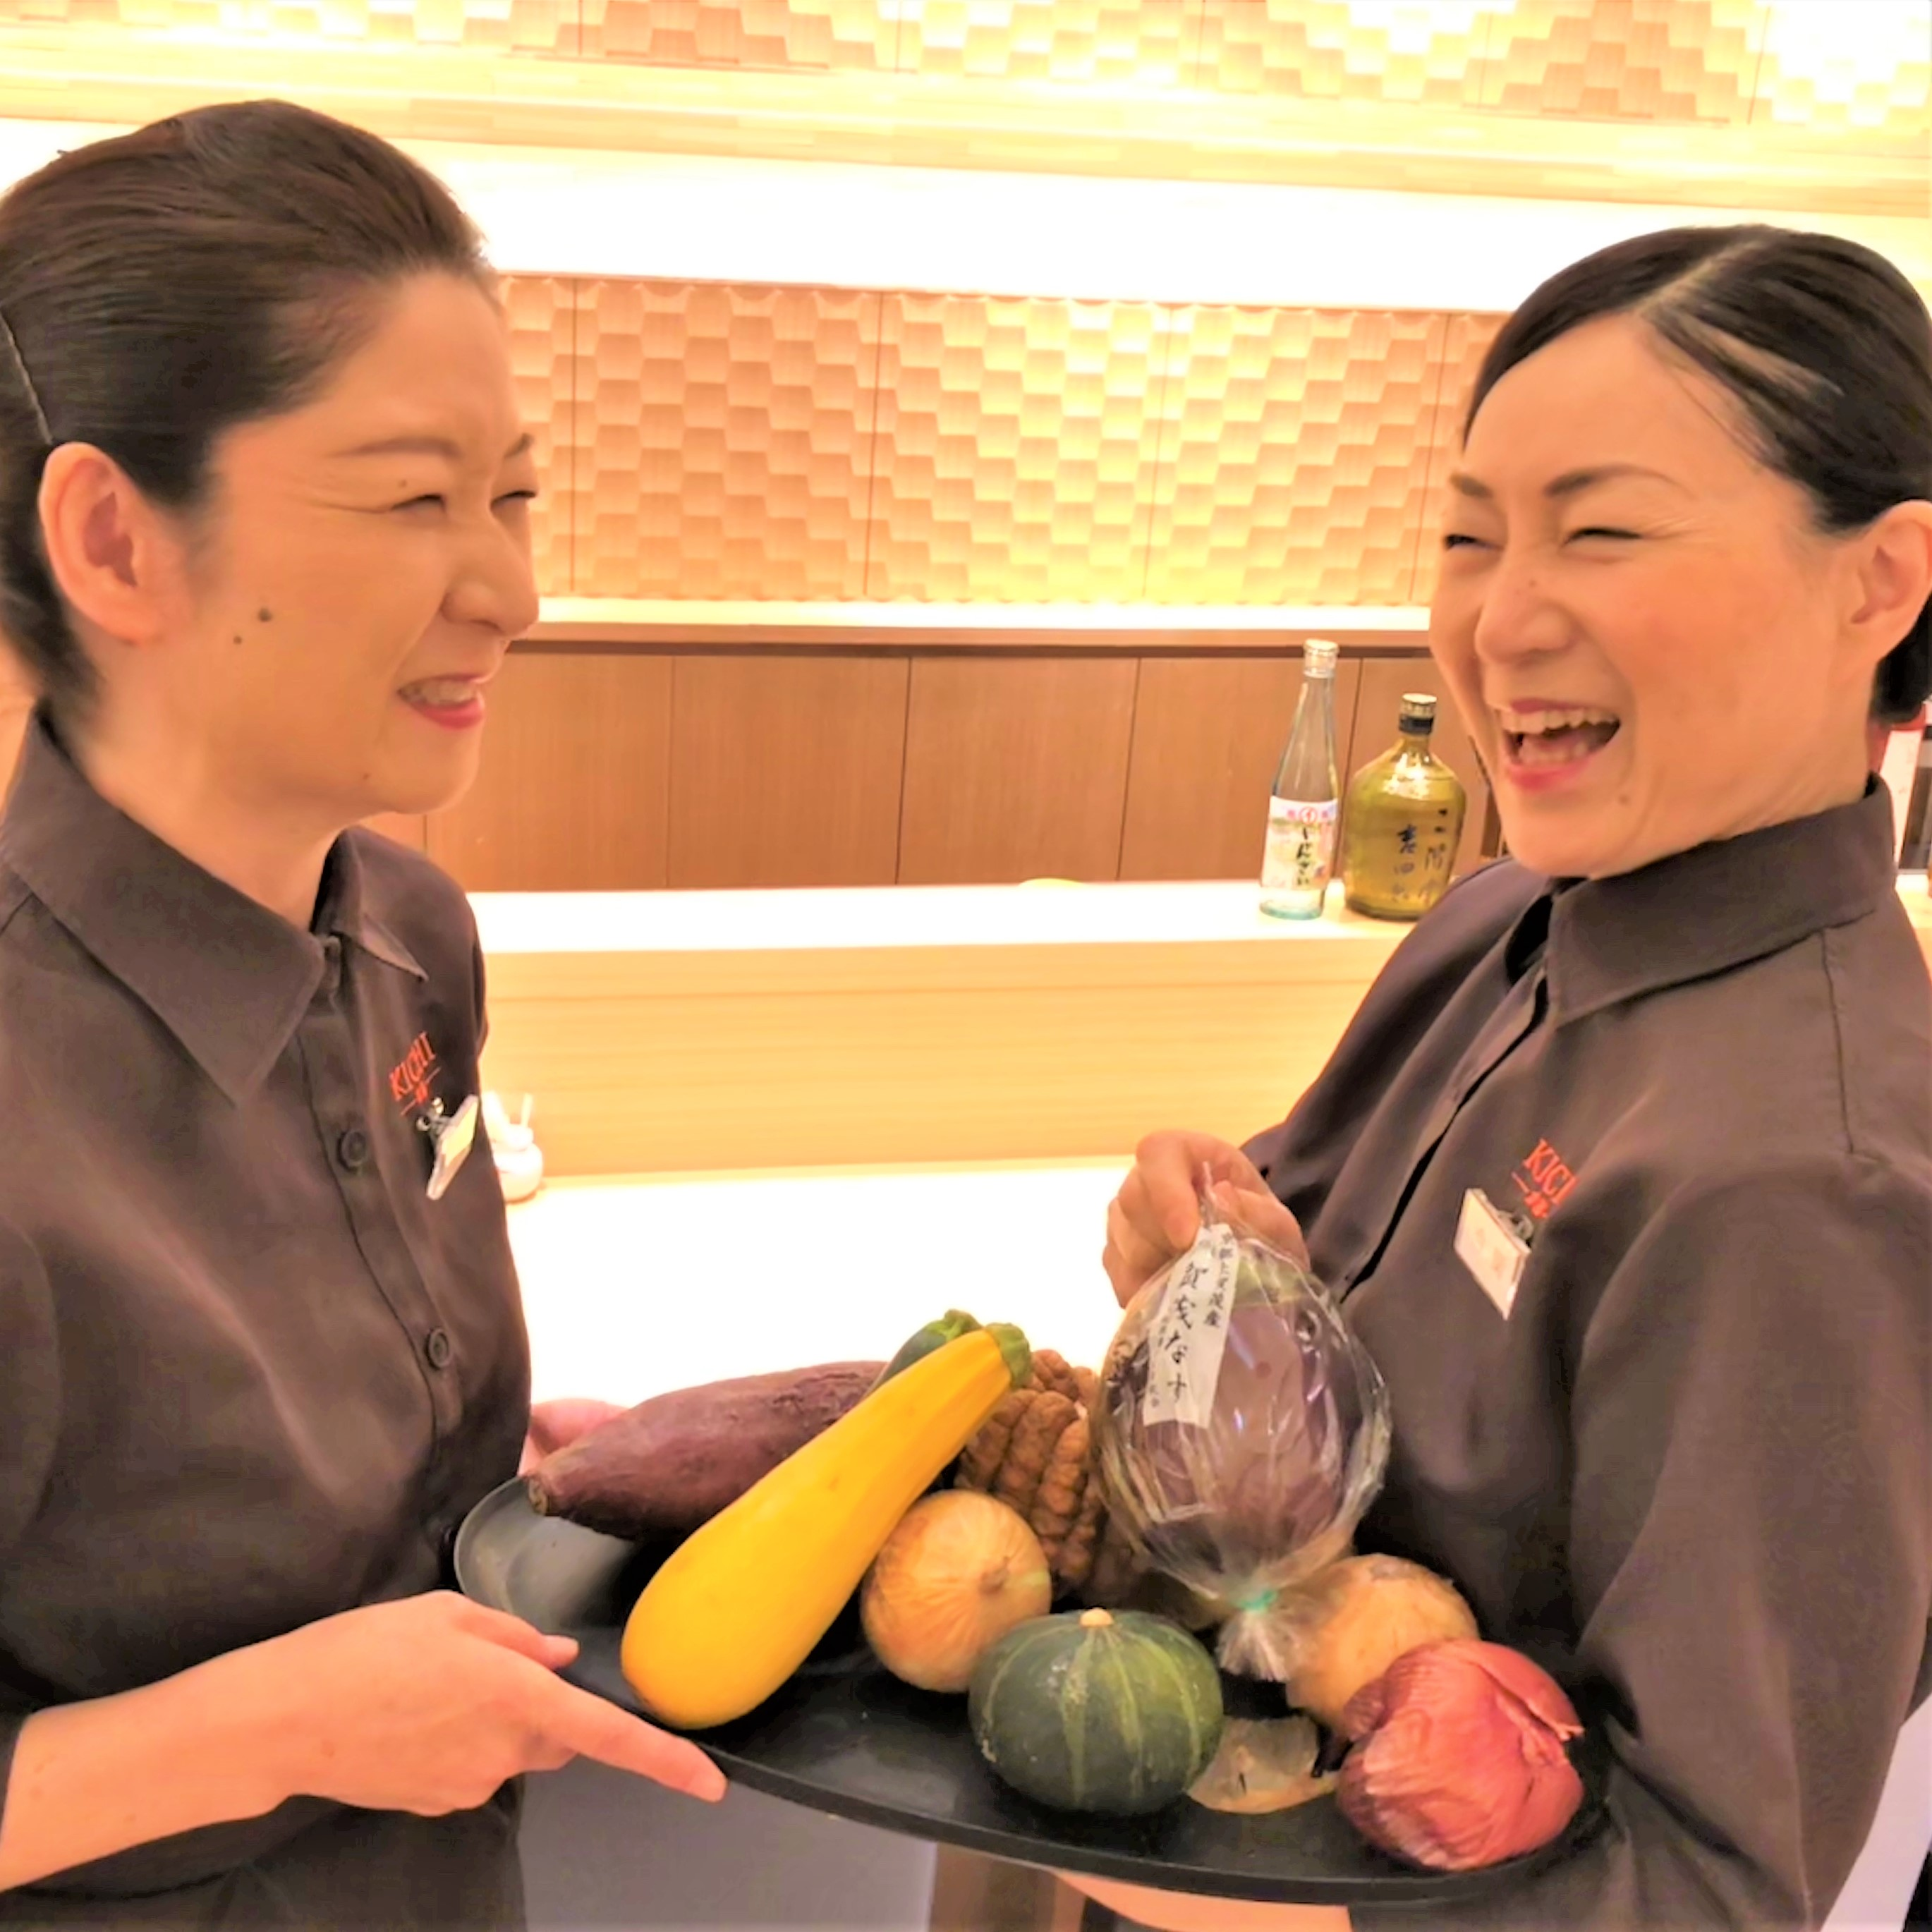 常に笑顔溢れる職場。空いた時間を活用したい主婦の方もぜひご応募ください。